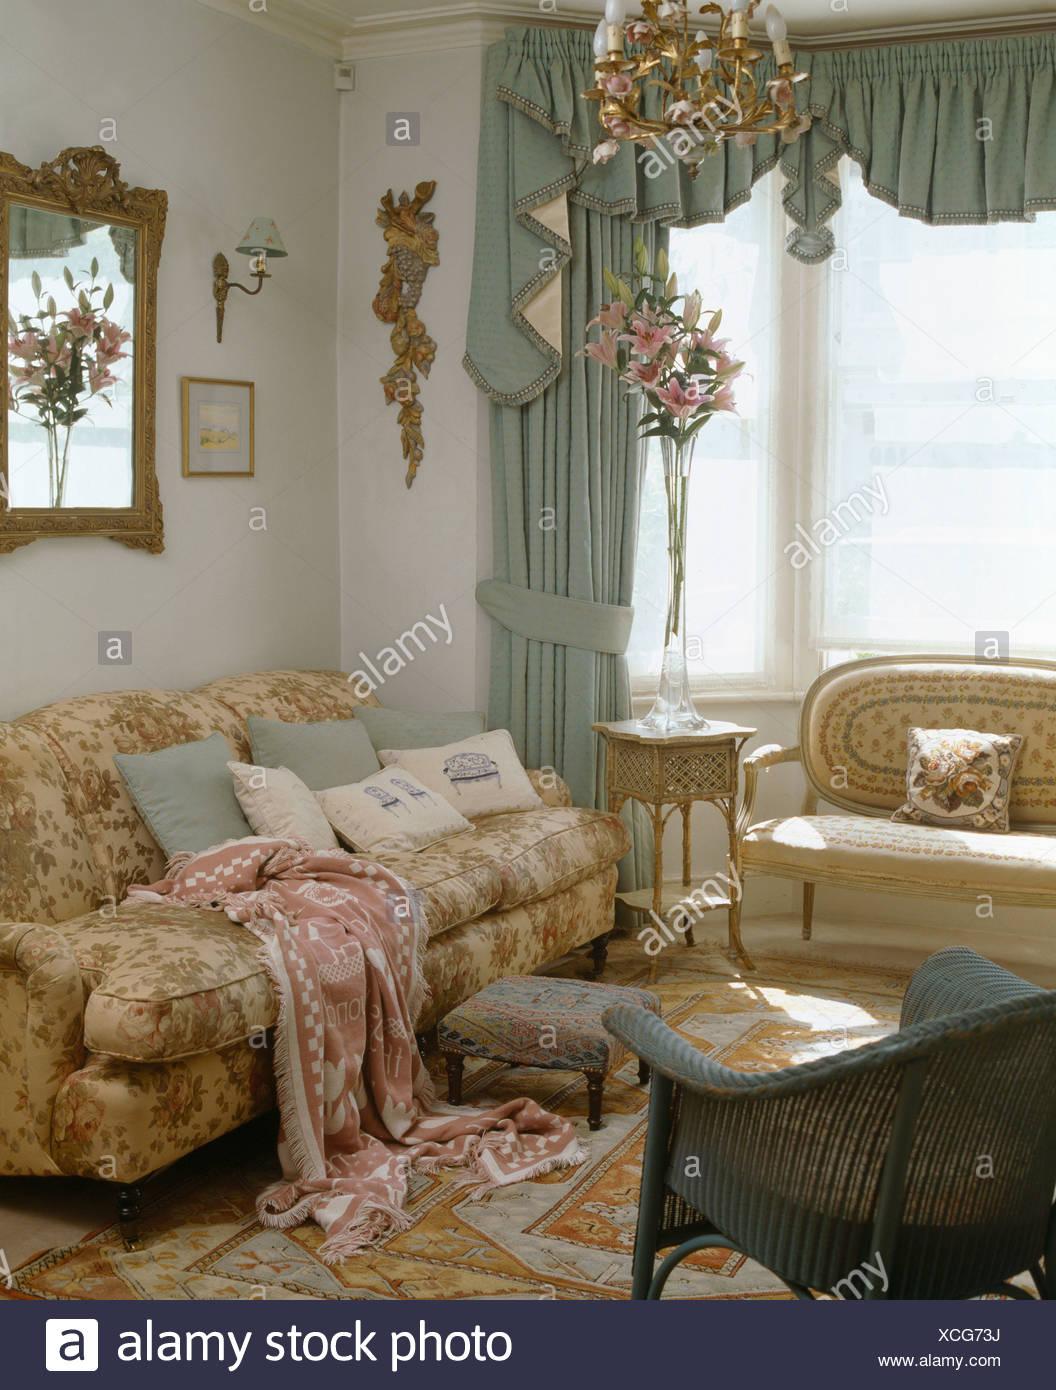 Pastell Grün Swagged Vorhang Am Fenster Im Wohnzimmer Mit Gemusterten Wurf  Auf Bequemen Sofa